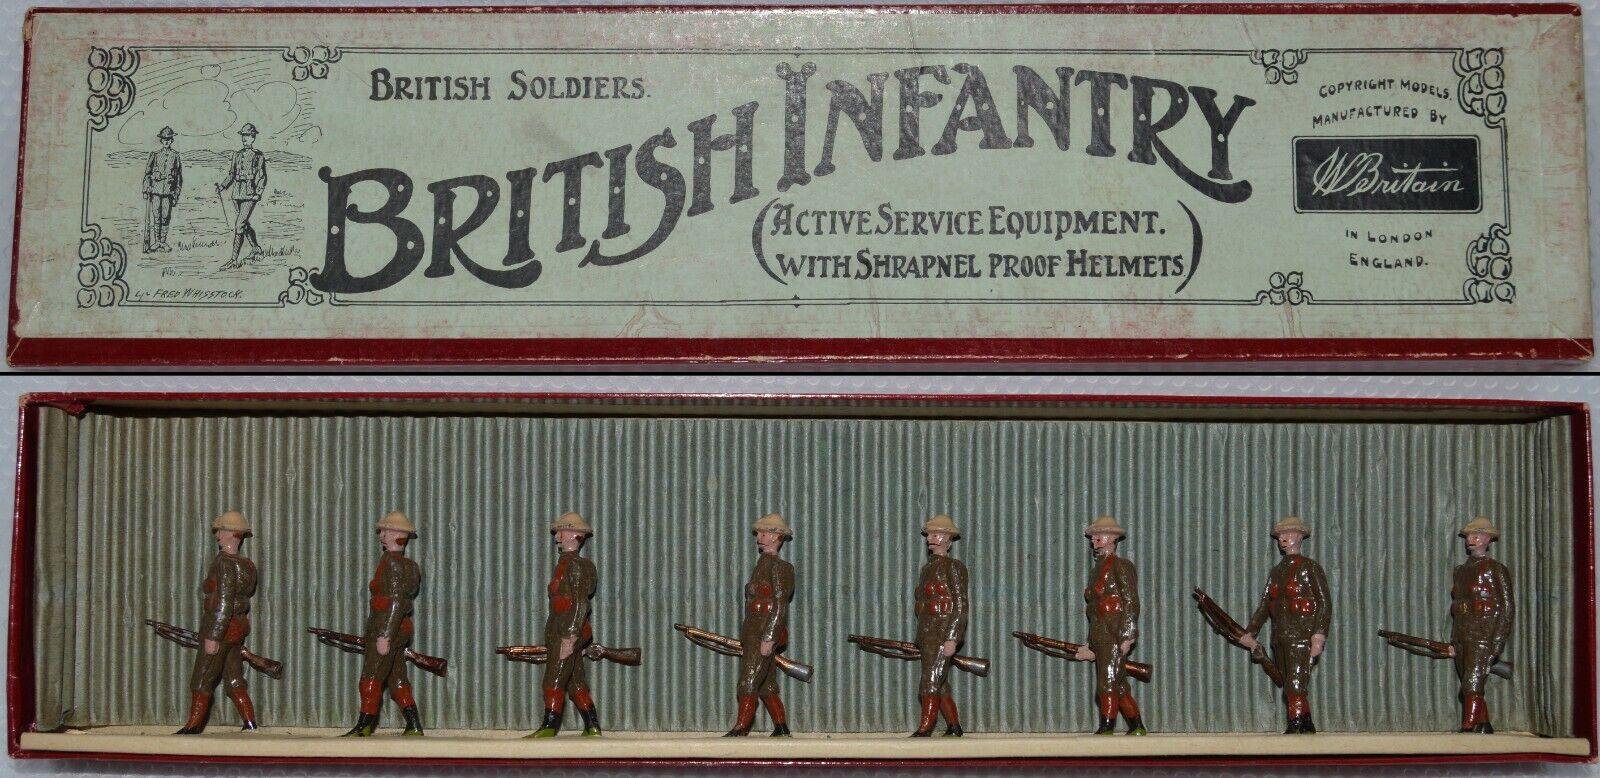 Britter Pre-War Set Brittiska infanteri, Aktiv tjänst AA-10829